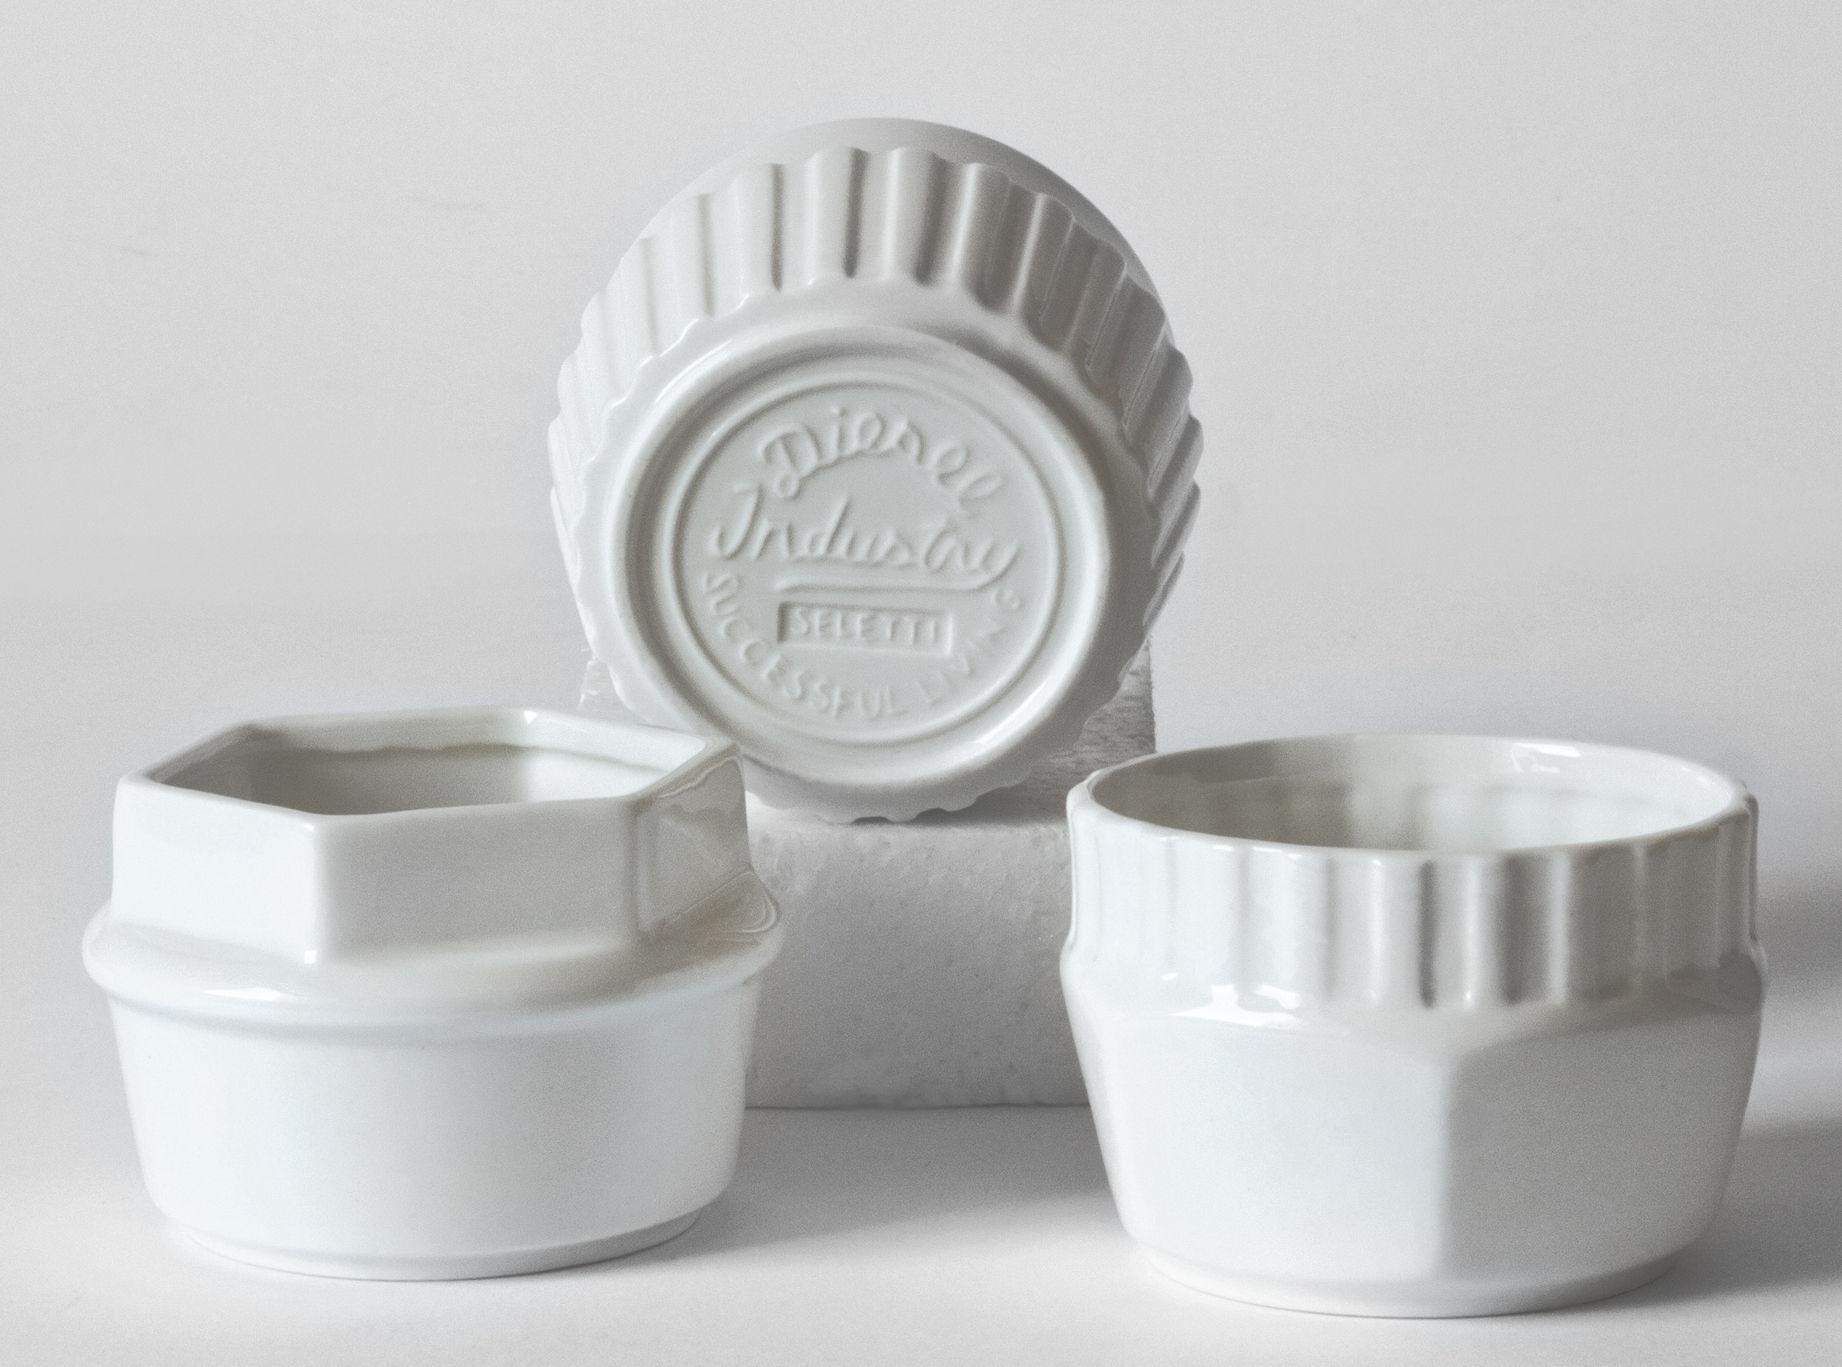 Tavola - Tazze e Boccali - Coppetta Machine Collection - / Coppette - Set da 3 di Diesel living with Seletti - Bianco - Porcellana